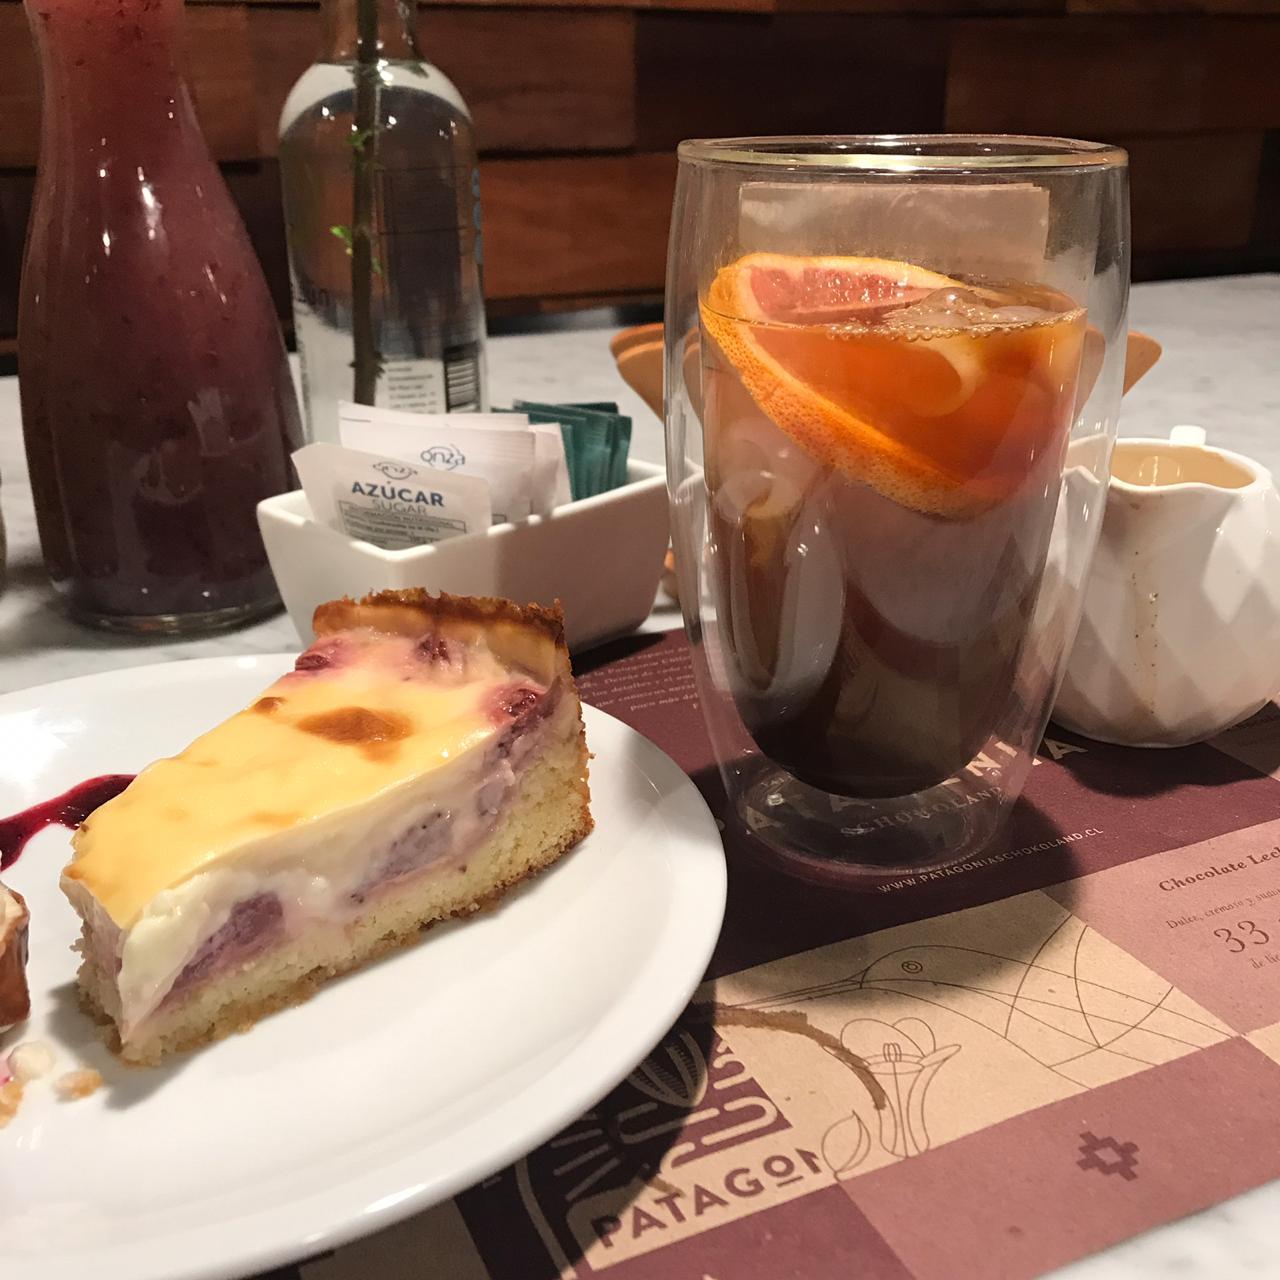 Patagonia Schokoland amplía su gama de cafés